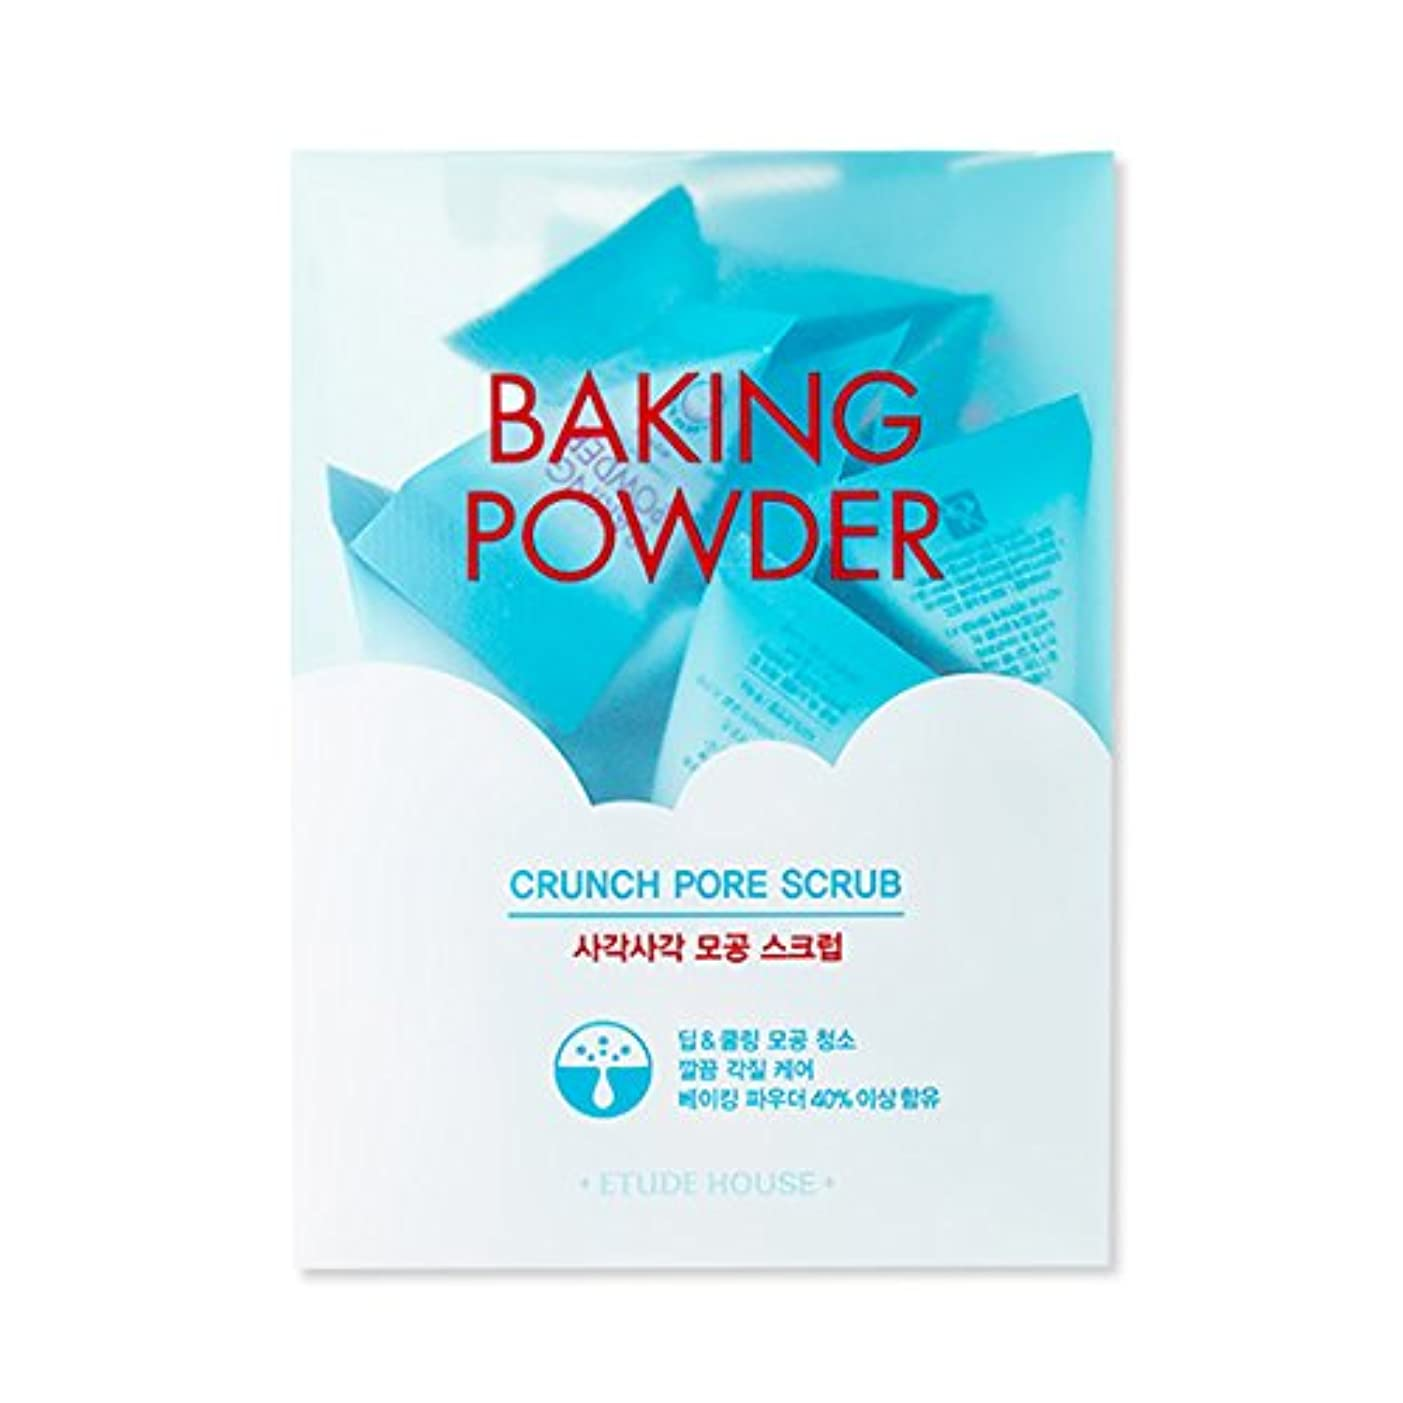 幾分公使館自体[2016 Upgrade!] ETUDE HOUSE Baking Powder Crunch Pore Scrub 7g×24ea/エチュードハウス ベーキング パウダー クランチ ポア スクラブ 7g×24ea [...